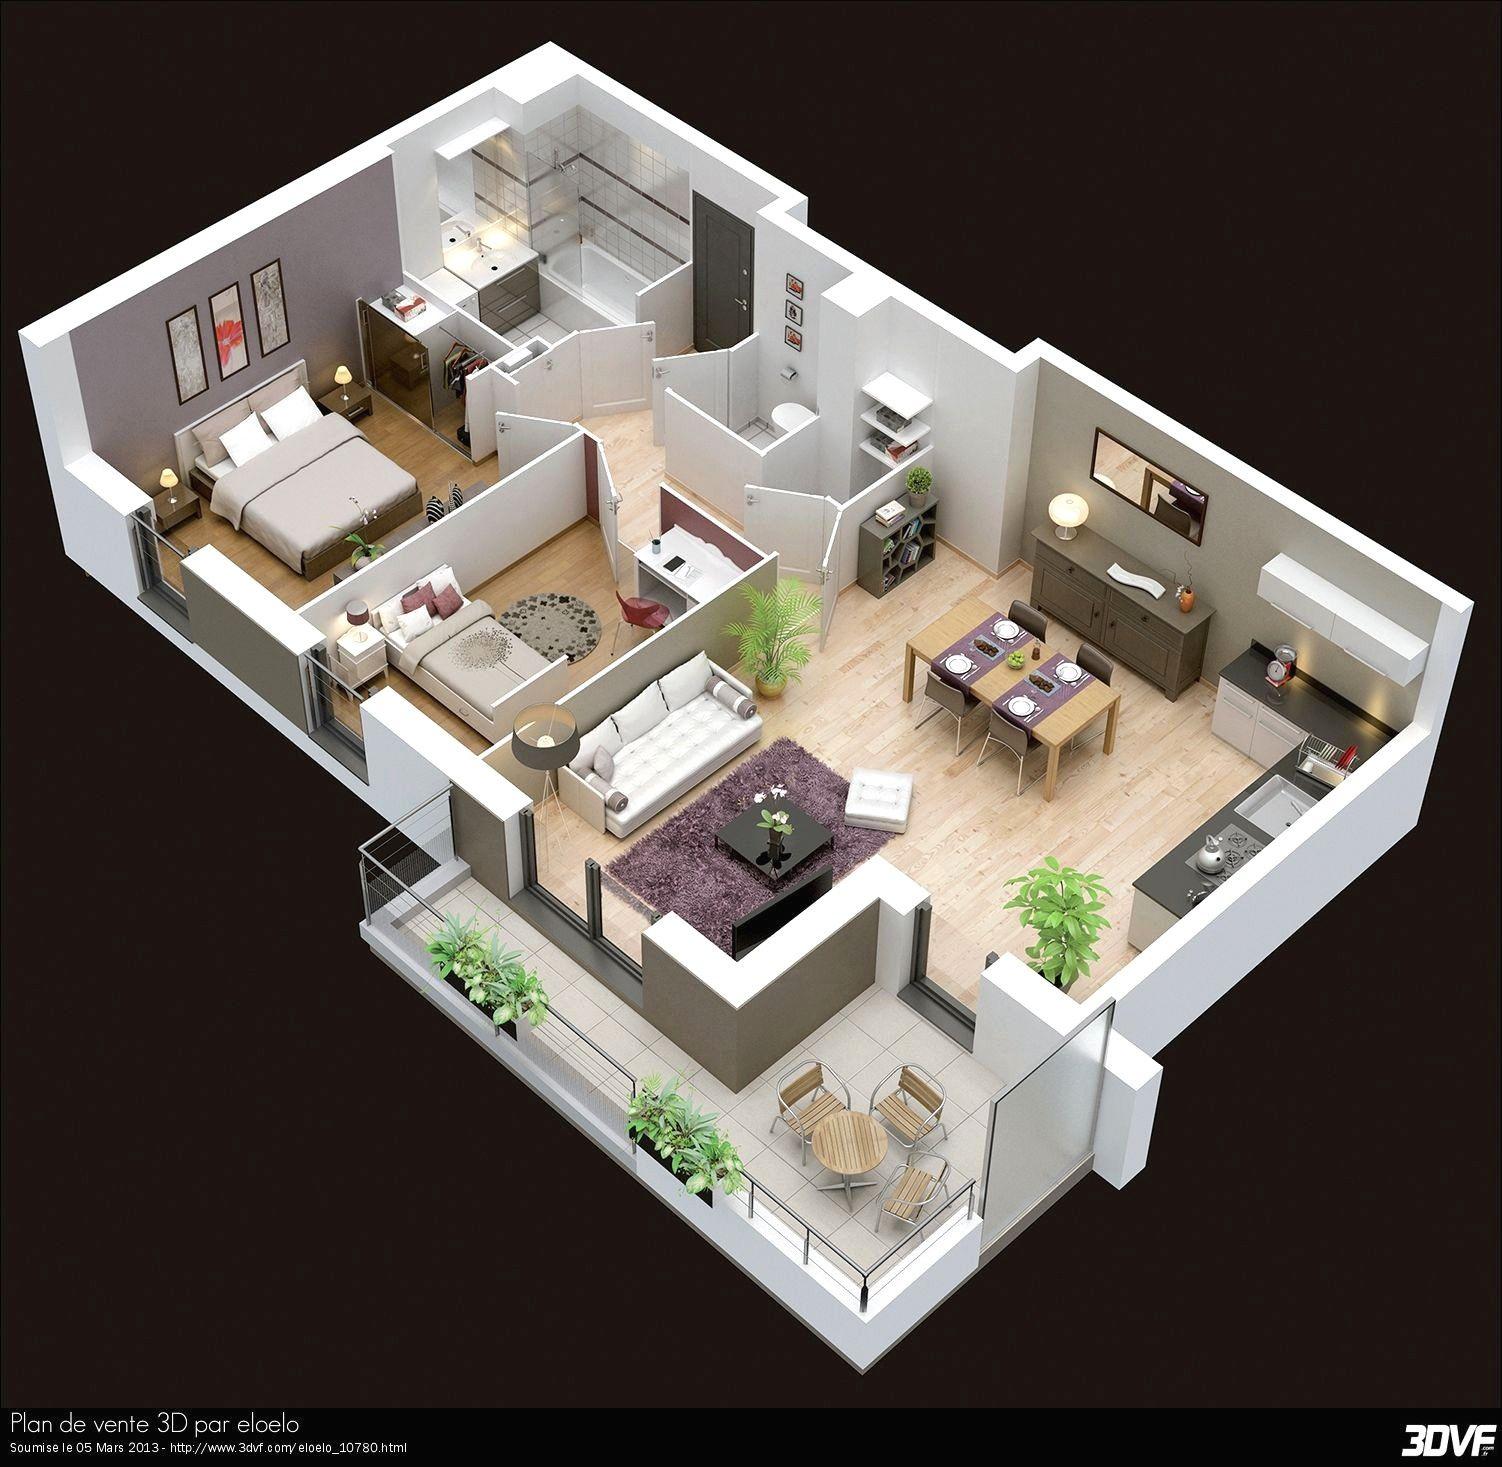 Plan Maison Moderne 3d De Luxe Erstaunlich Auf Inspirierende Avec Avec Plan Maison Moderne 3d De Luxe Erstaunlic Plan Maison Moderne Plan Maison Maison Moderne